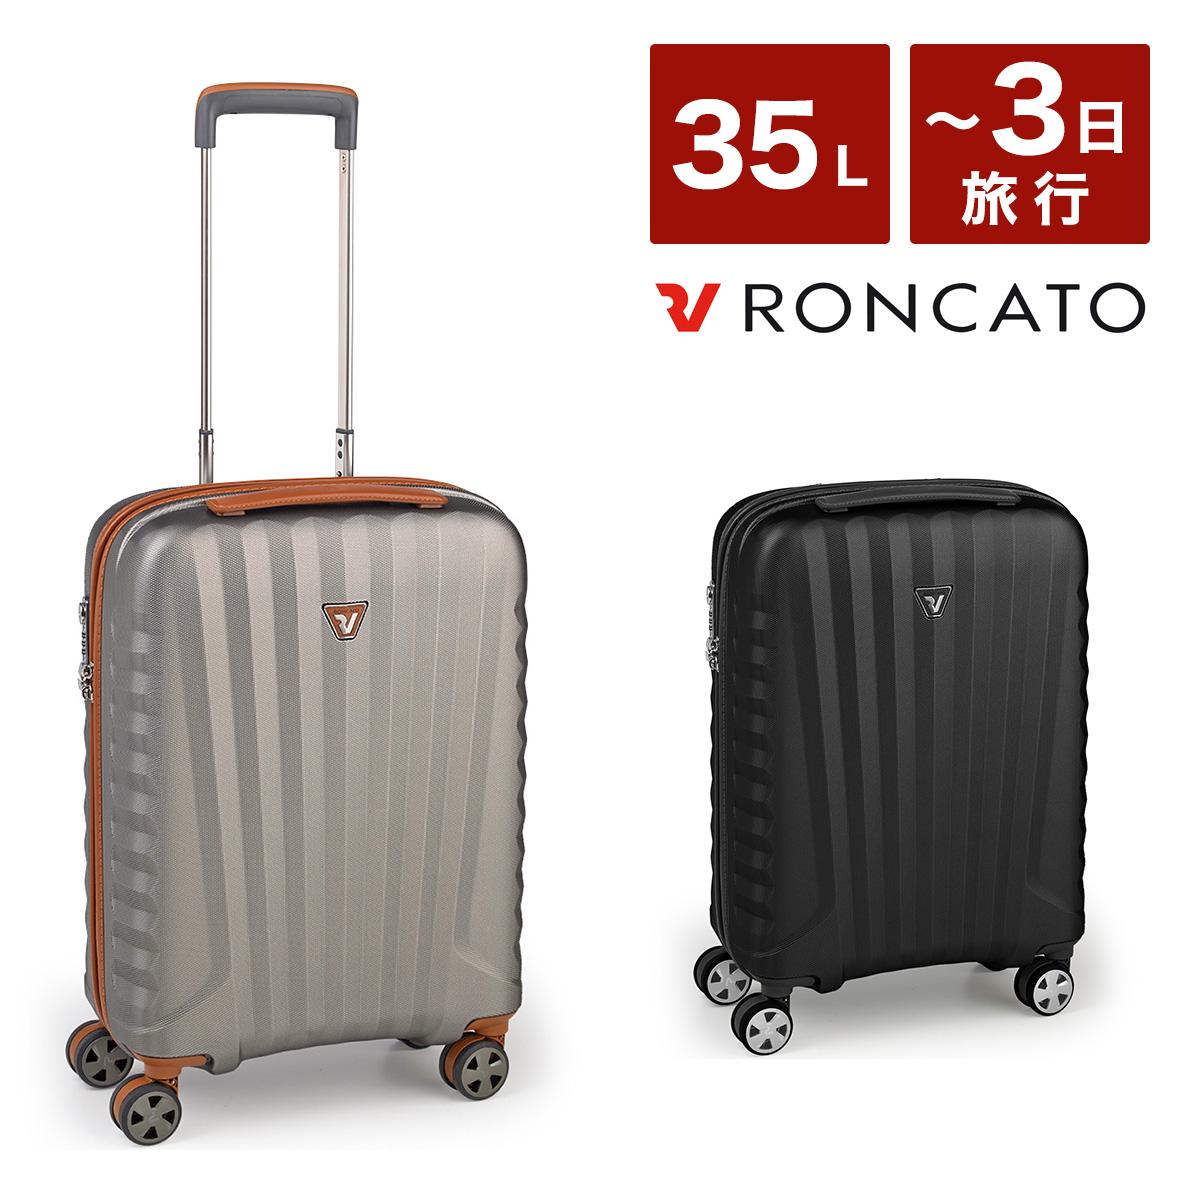 ロンカート スーツケース 35L 51cm 2.4kg ハード ファスナー 機内持ち込み イタリア製 イーライト 5223 RONCATO E-LITE キャリーケース 軽量 TSAロック搭載 10年保証[PO10][bef]